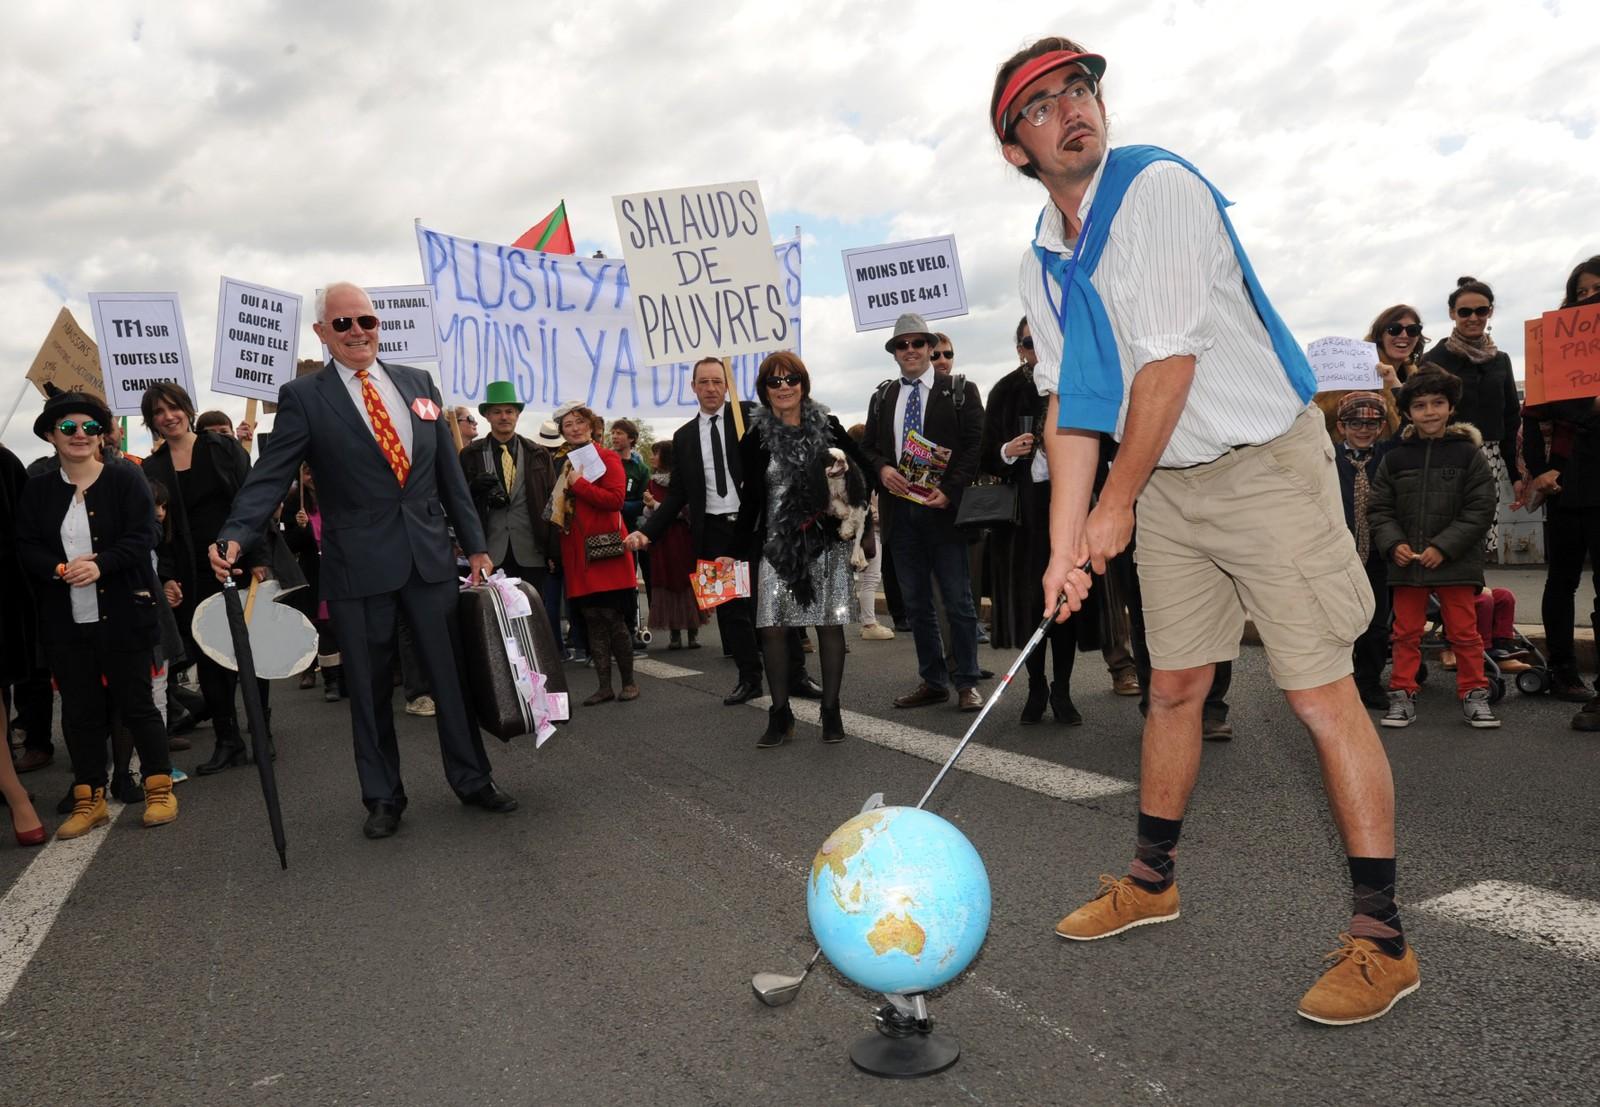 En mann kledd i golfklær tar del i en «rikmannsprotest» for å markere 1. mai i Bayonne i Frankrike. Deltakerne er medlemmer av bevegelsen «Bizi!».